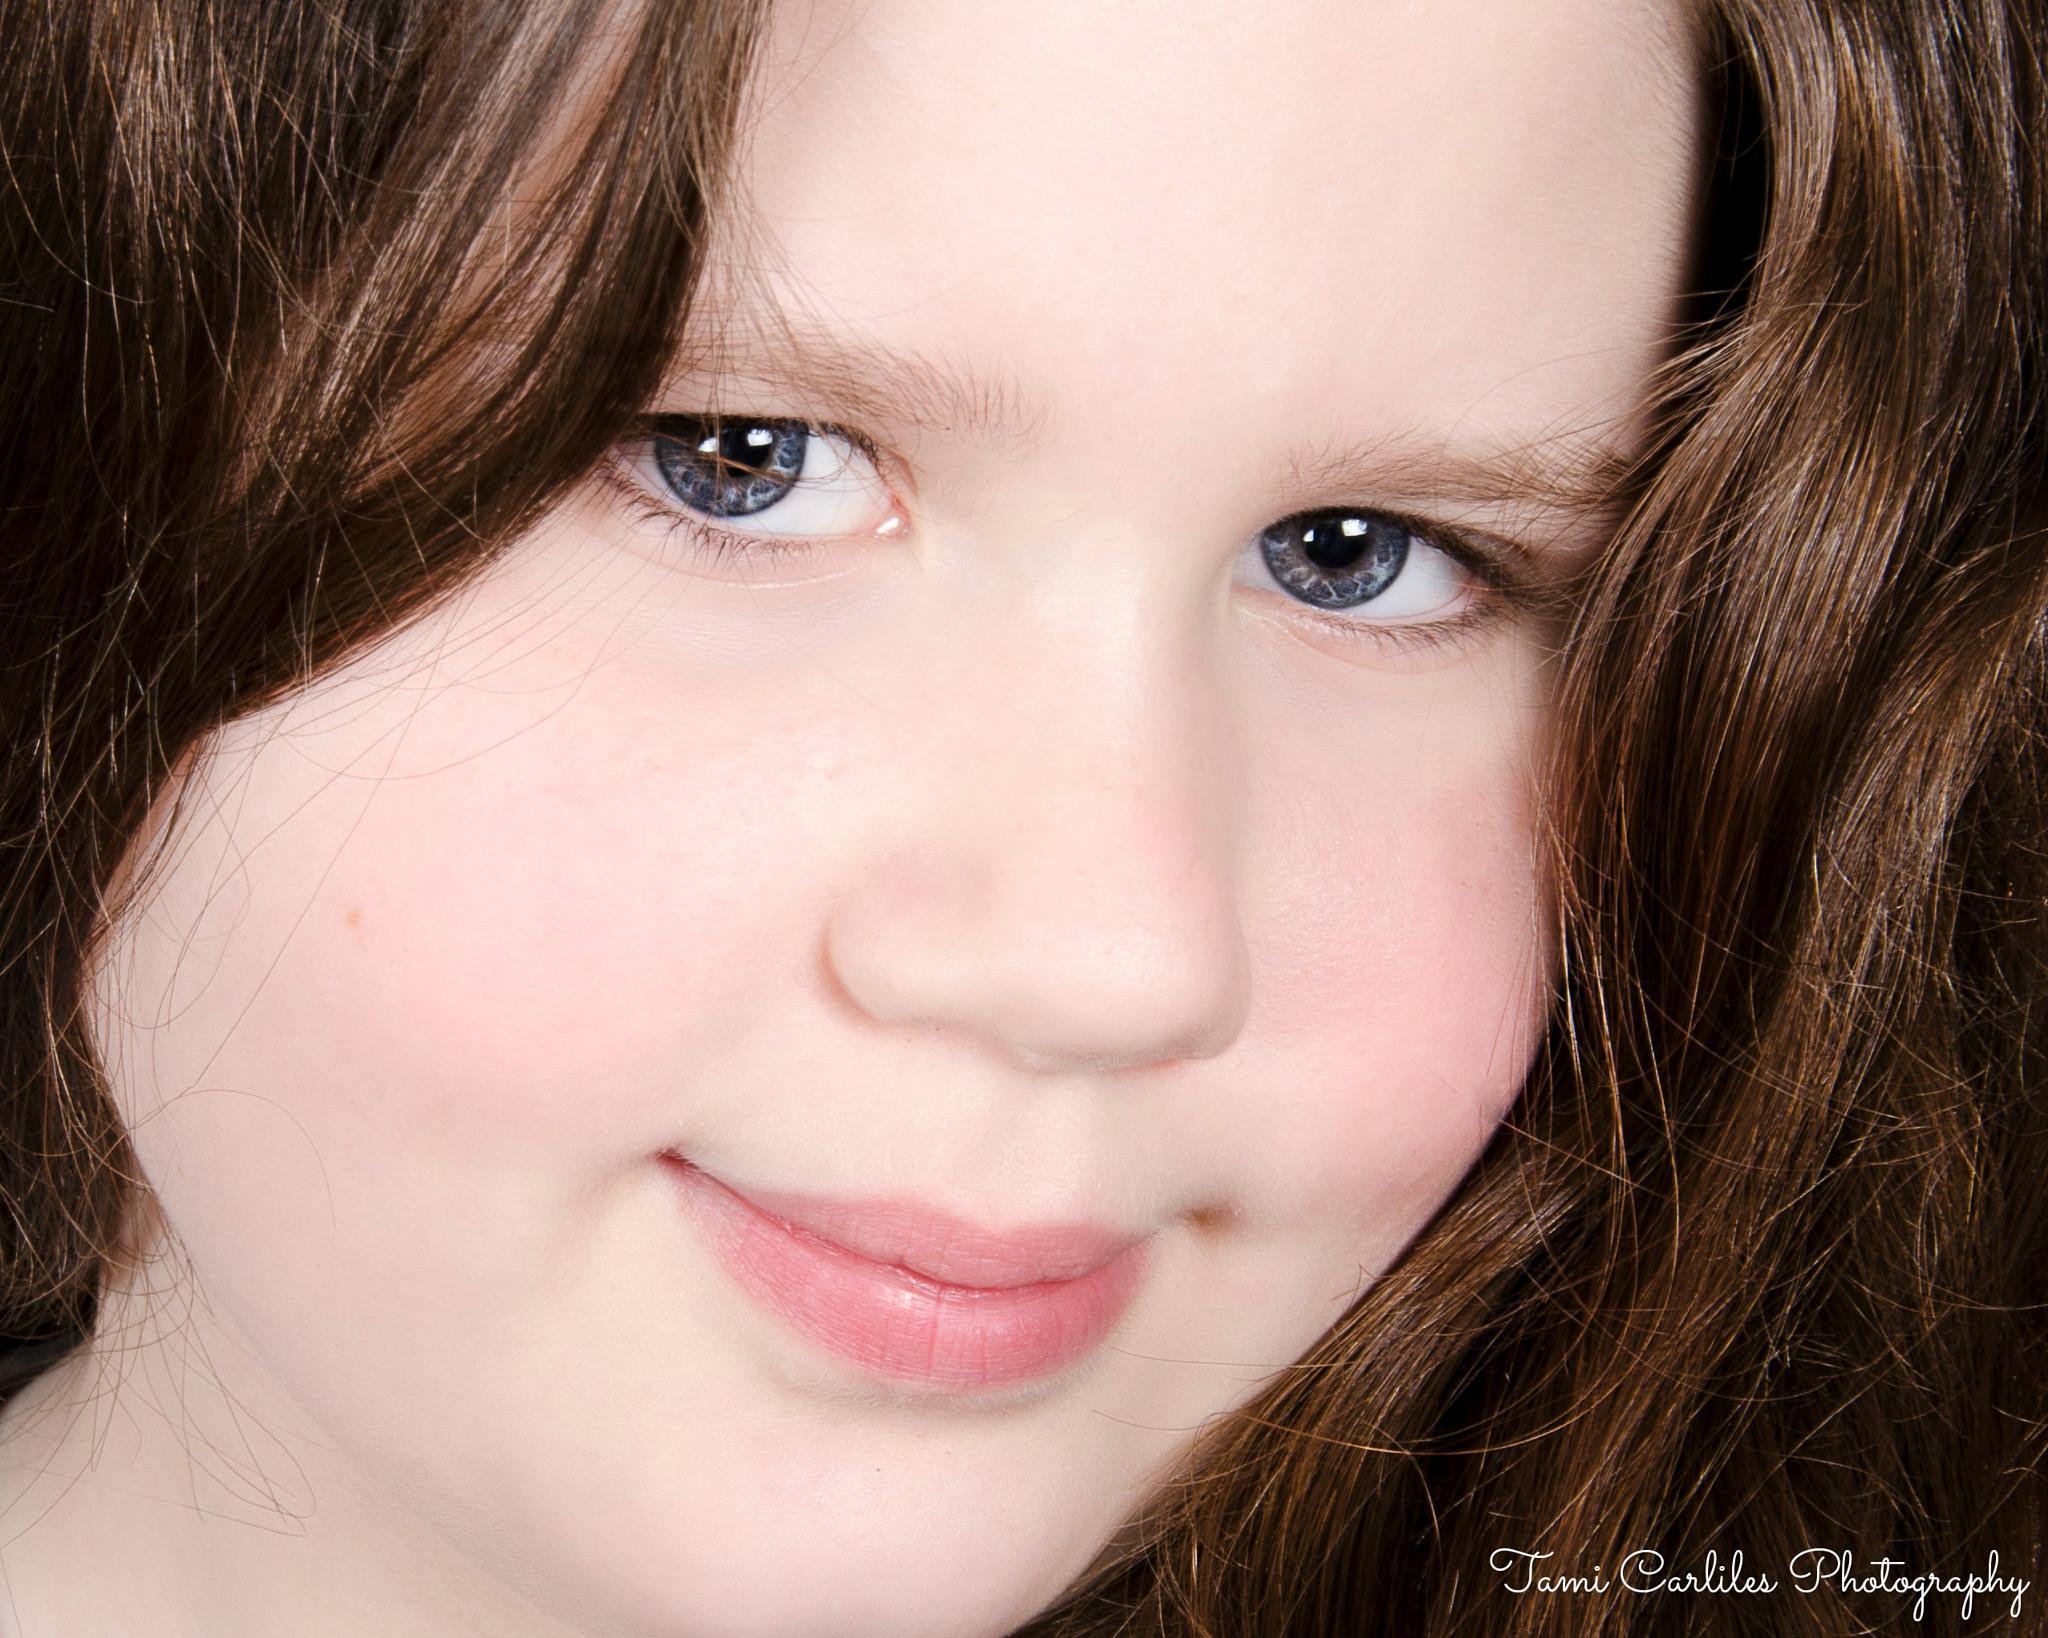 Photo in Portrait #rosie-louhelpfulkindbeautif